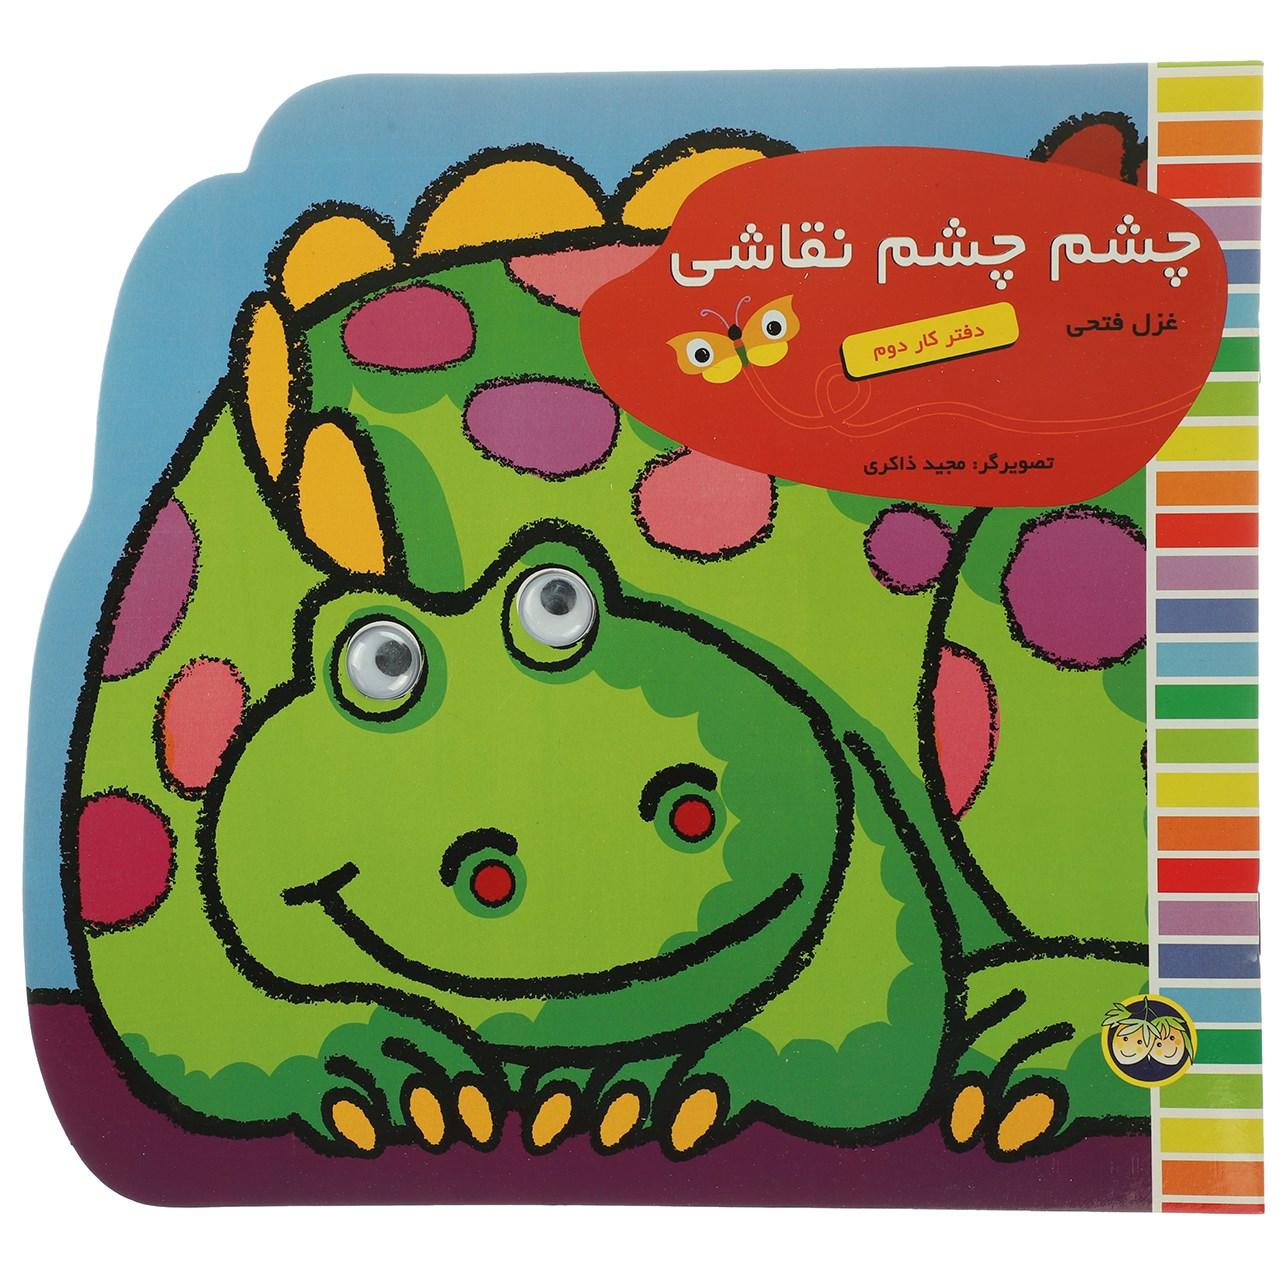 کتاب چشم چشم نقاشی اثر غزل فتحی - دفتر کار دوم